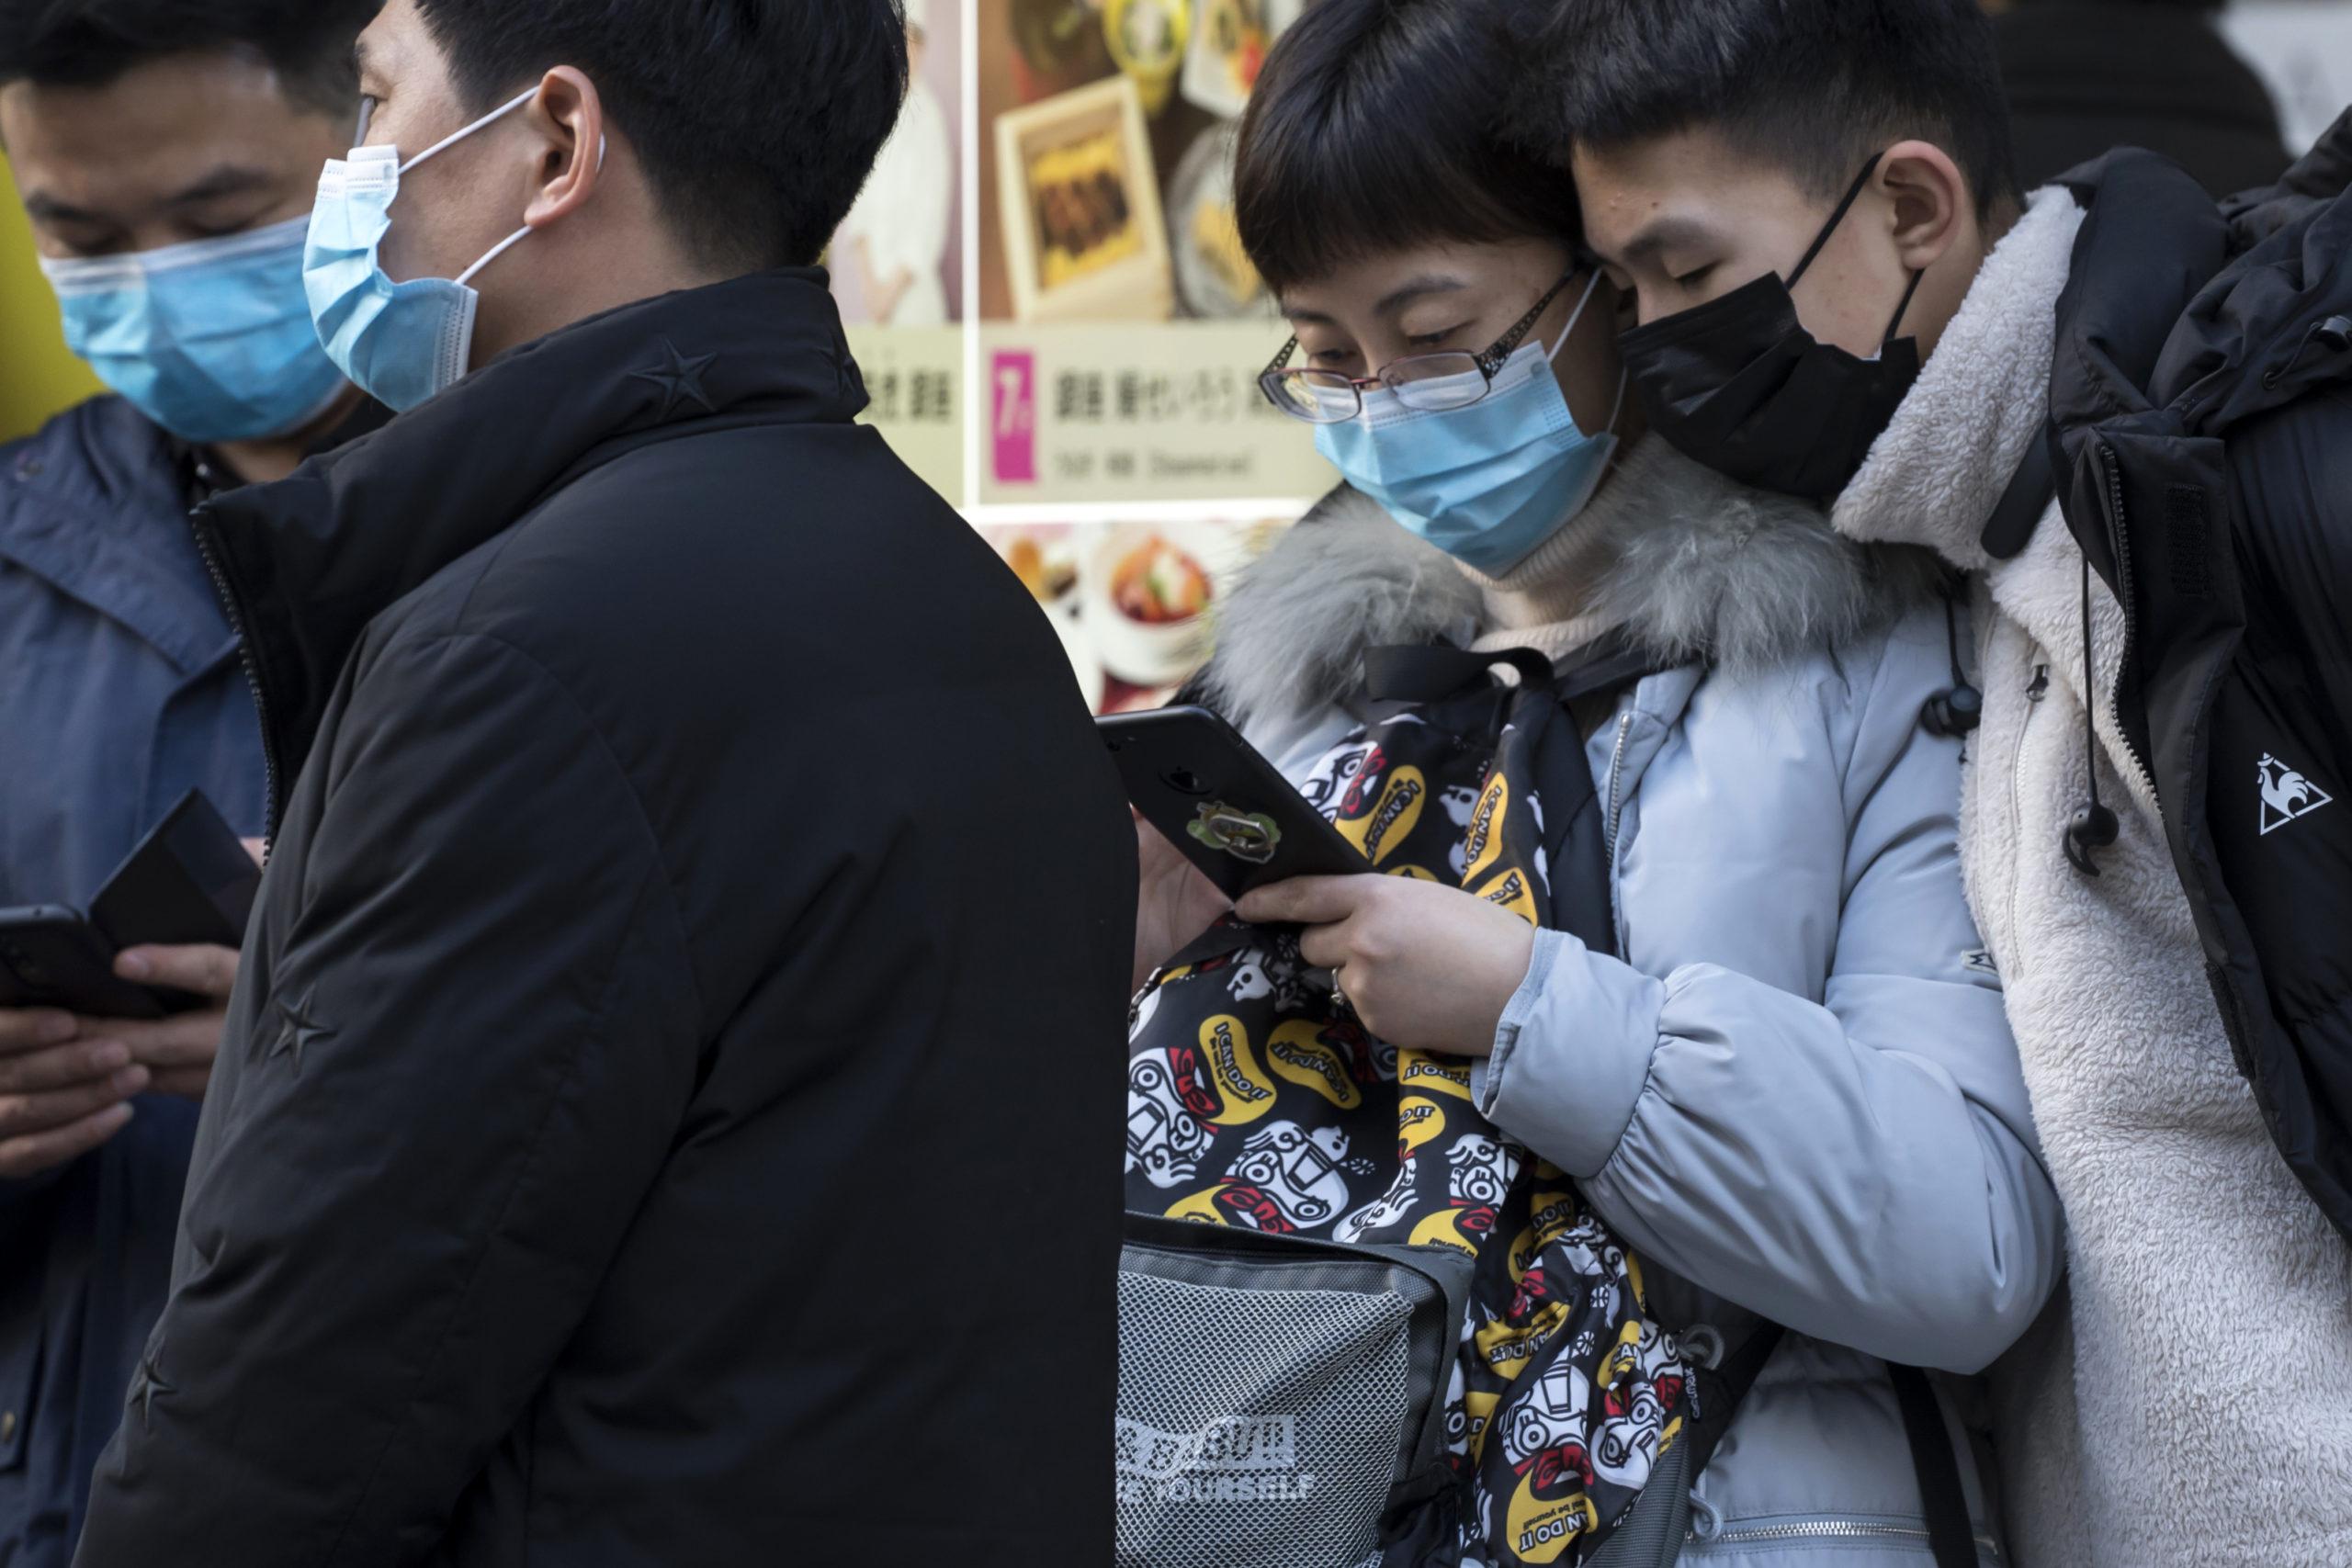 История: врач Ли Вэньлян, который первым сообщил о коронавирусе и умер от него